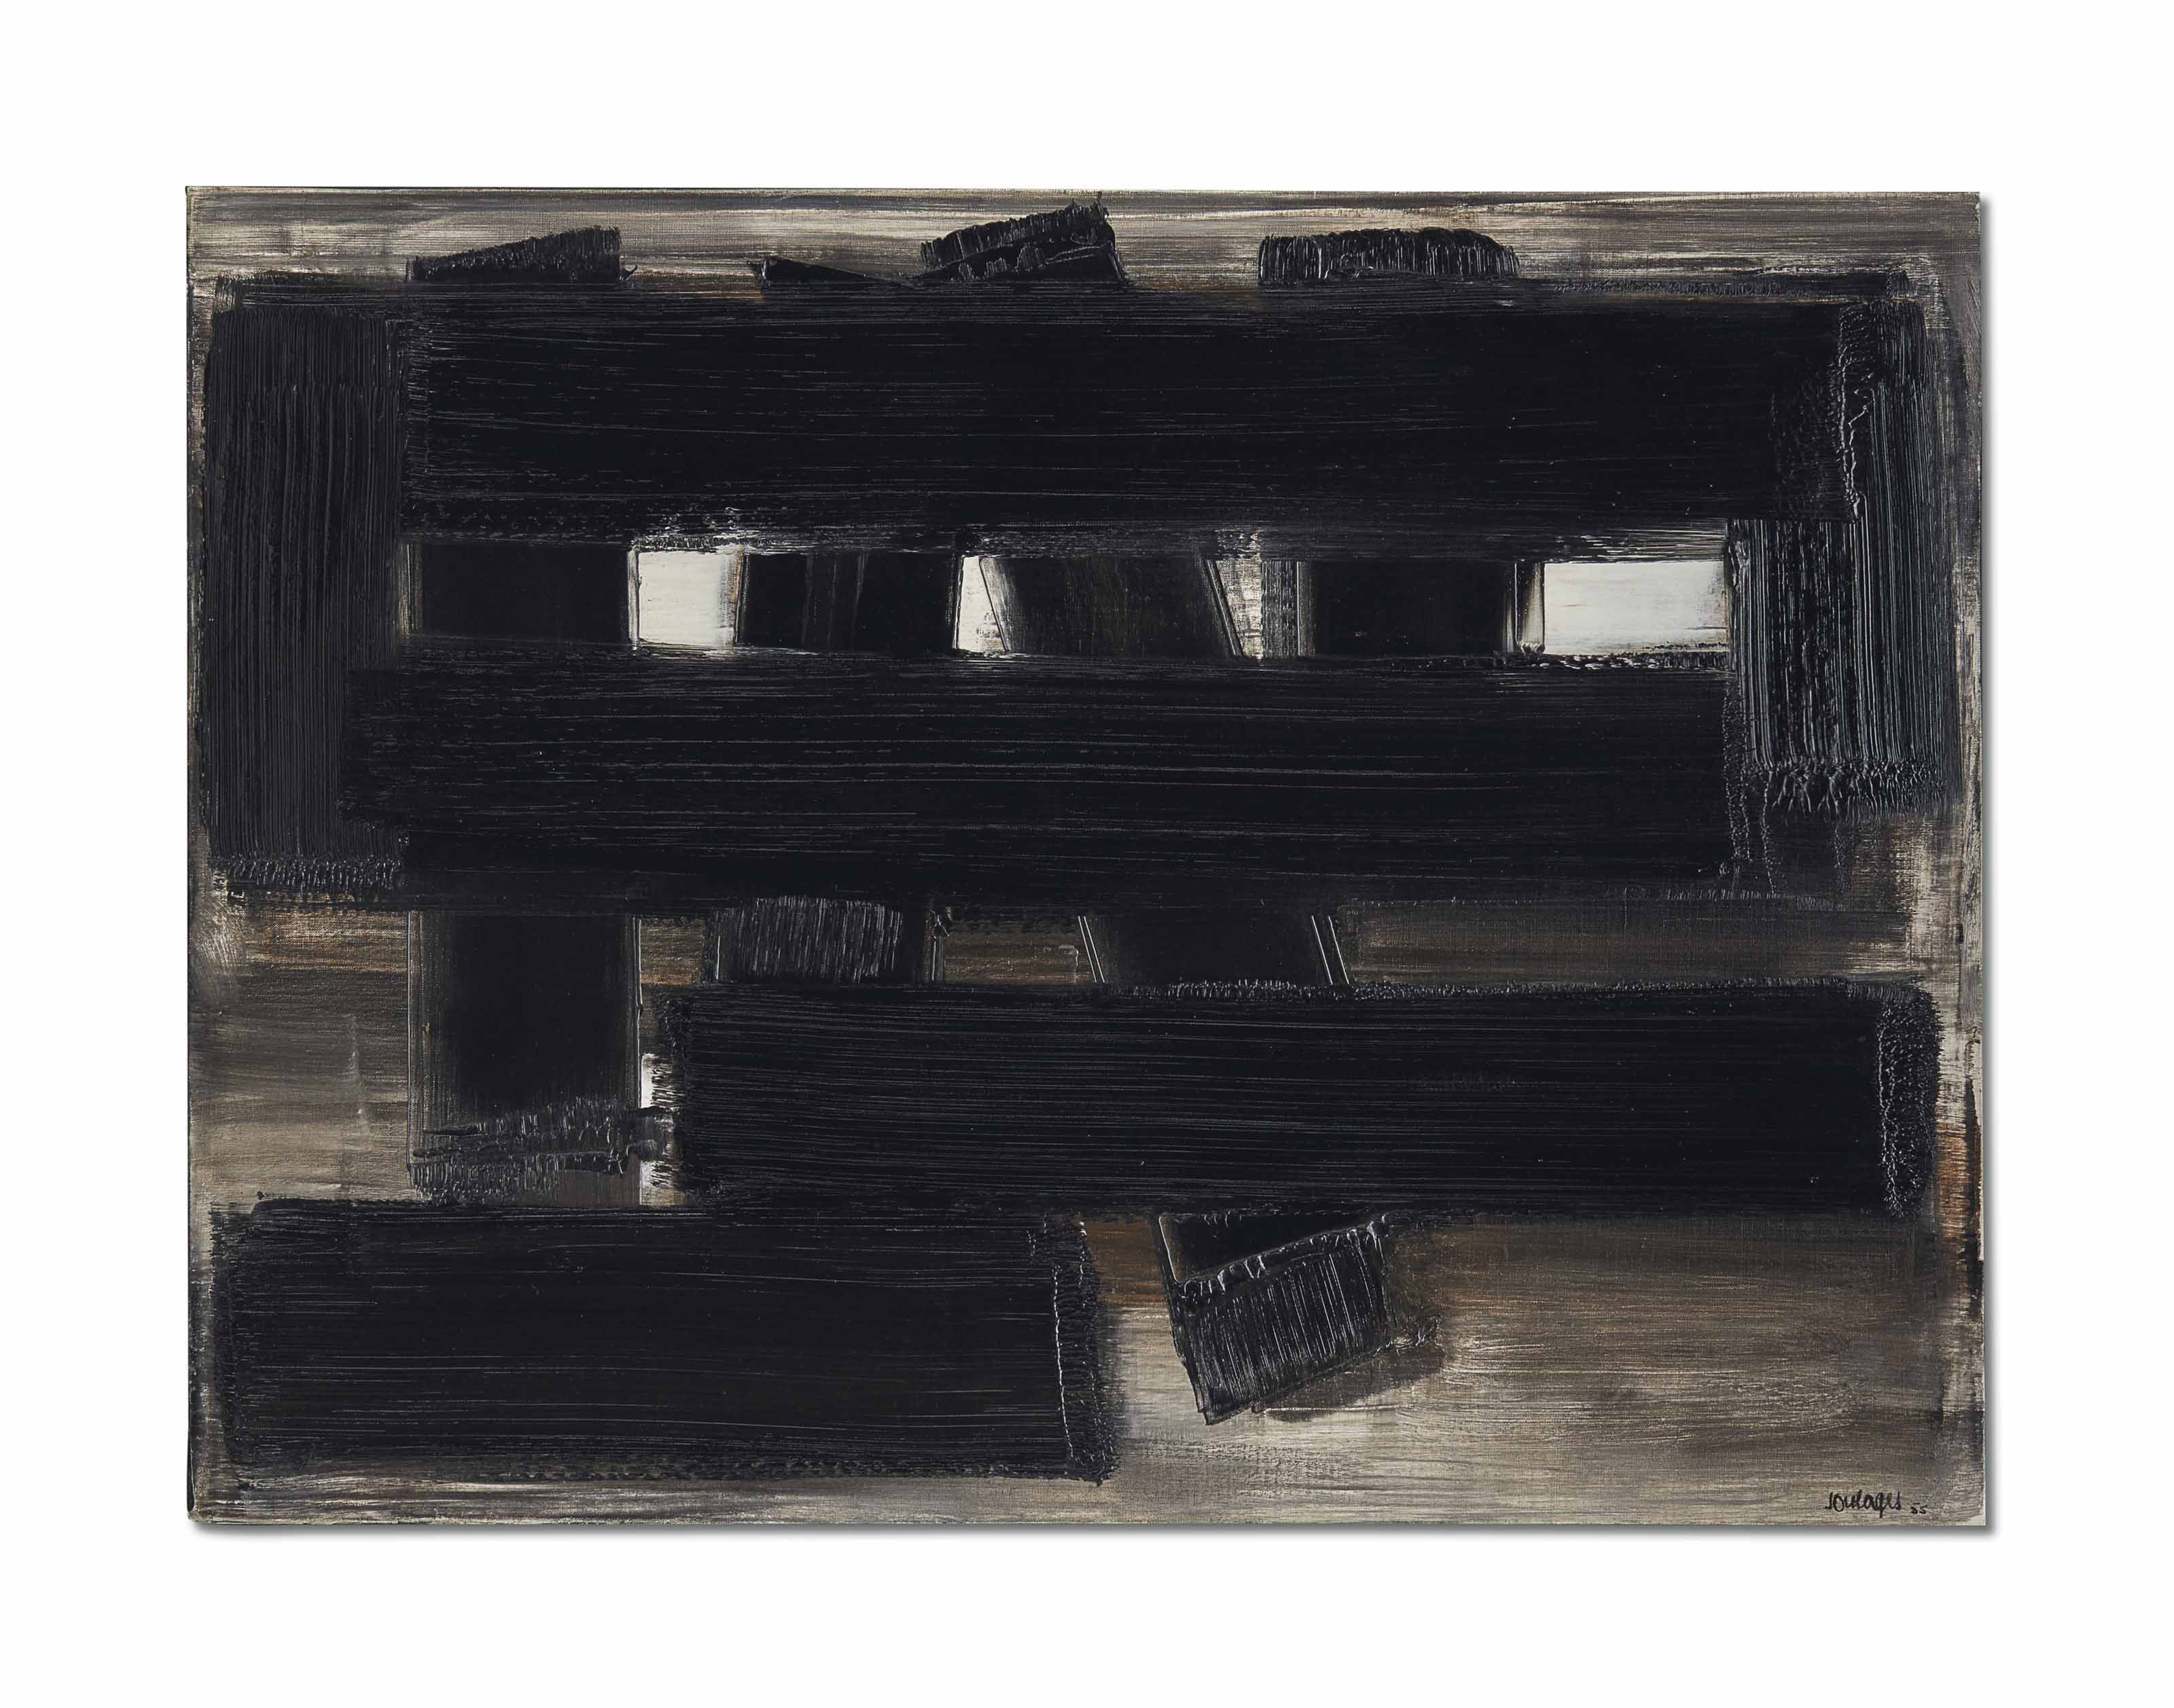 Peinture 60 x 81 cm, 3 novembre 1955